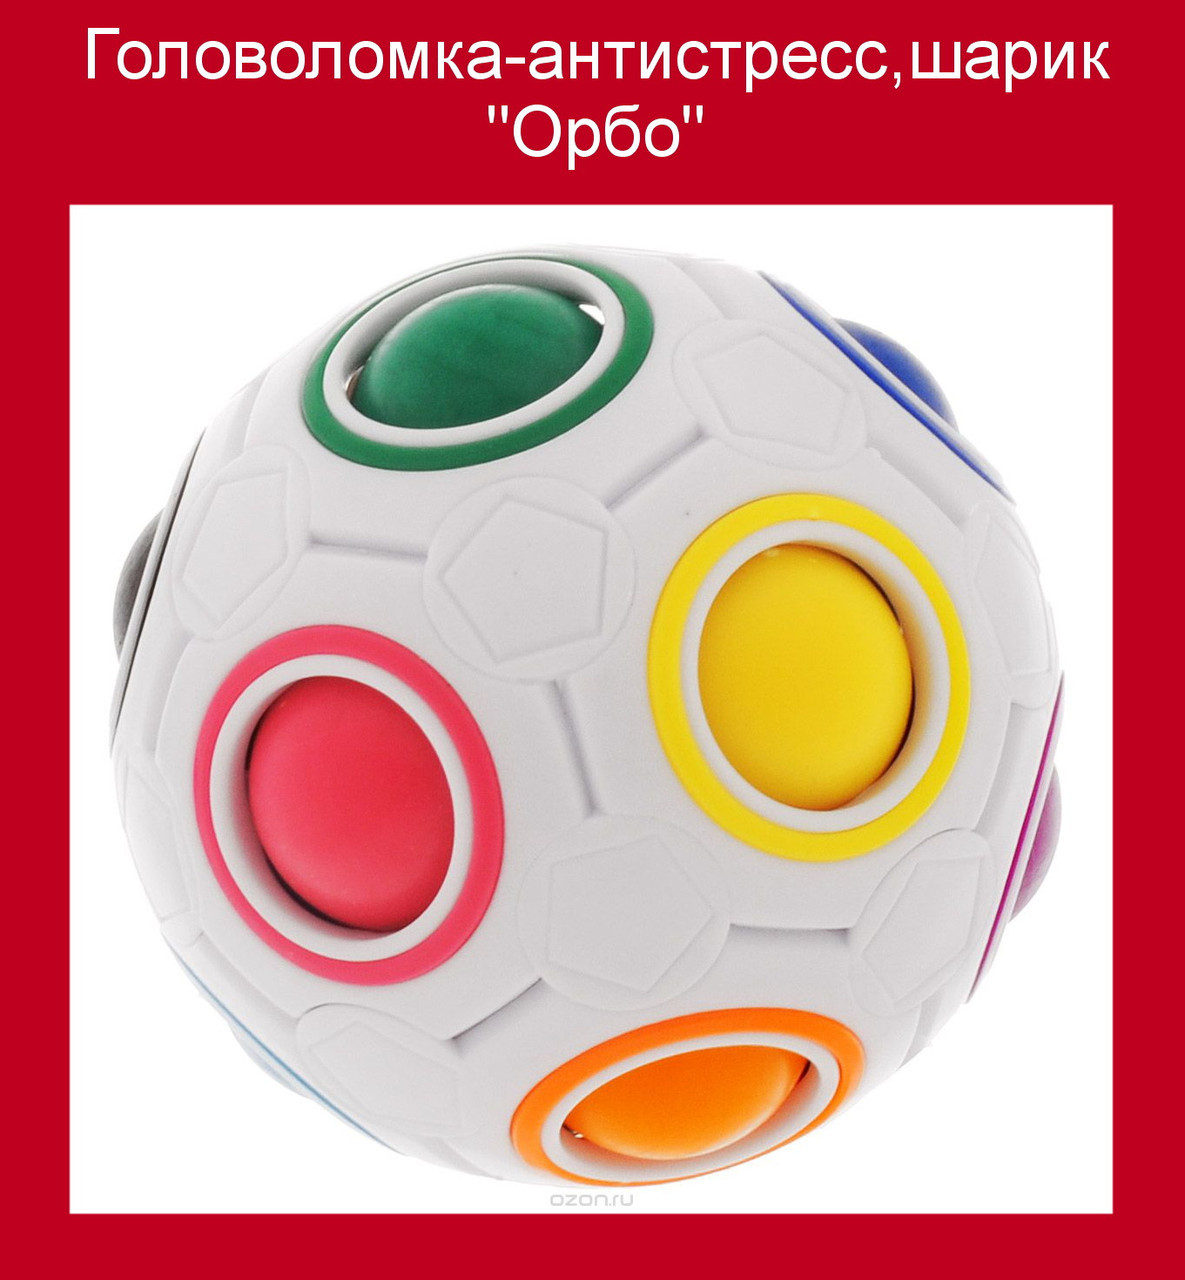 """Головоломка-антистресс,шарик """"Орбо"""" - Магазин """"Налетай-ка"""" в Одессе"""